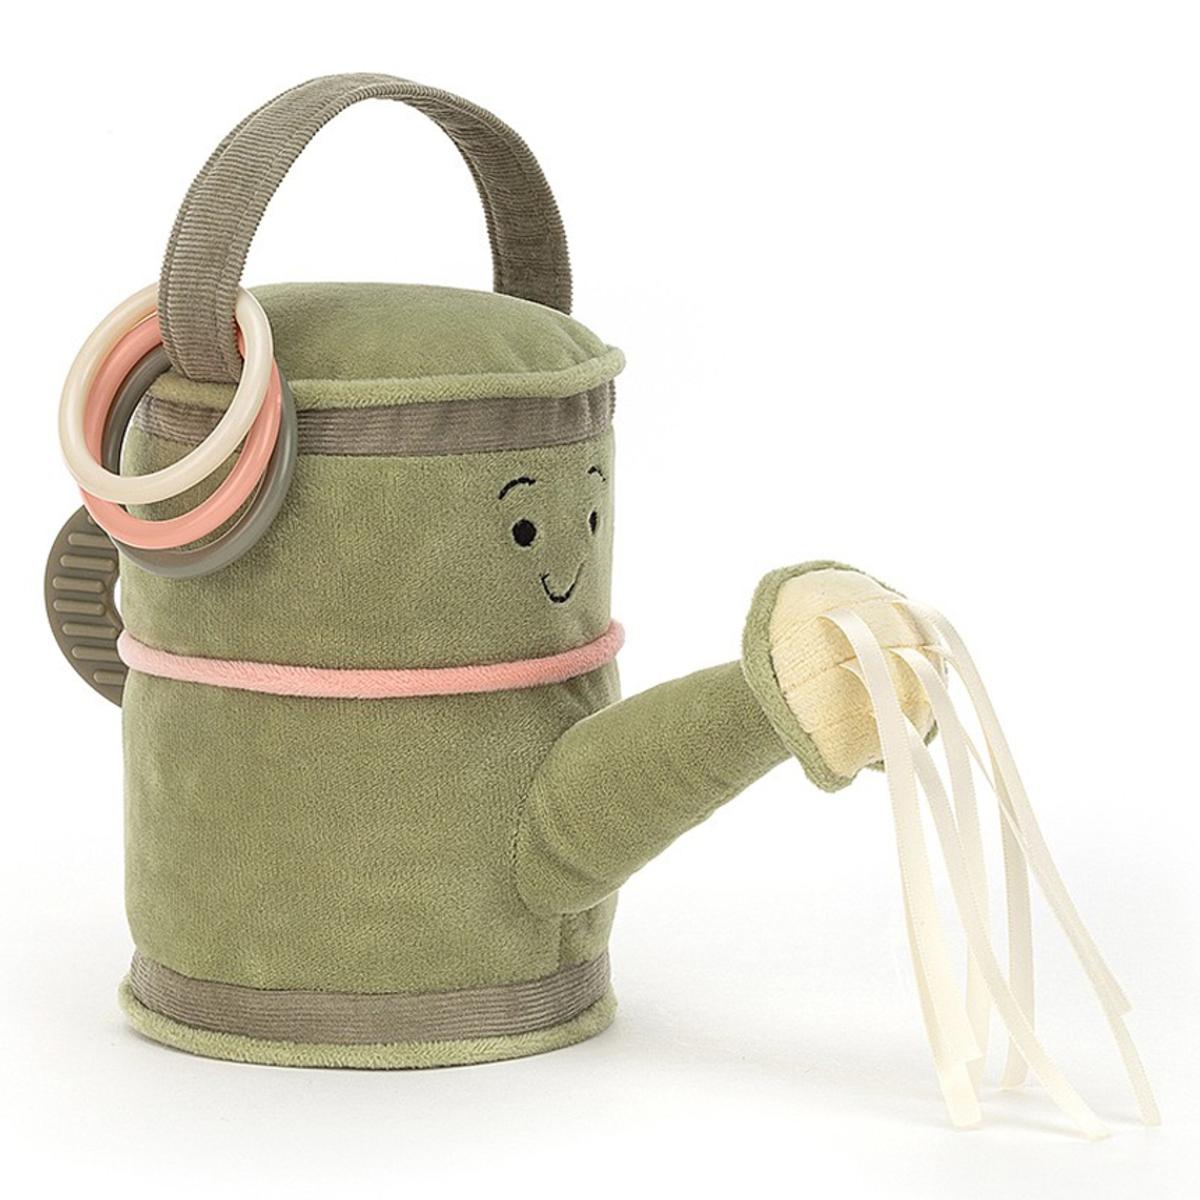 Peluche Whimsy Garden Watering Can Peluche Arrosoir 15 cm